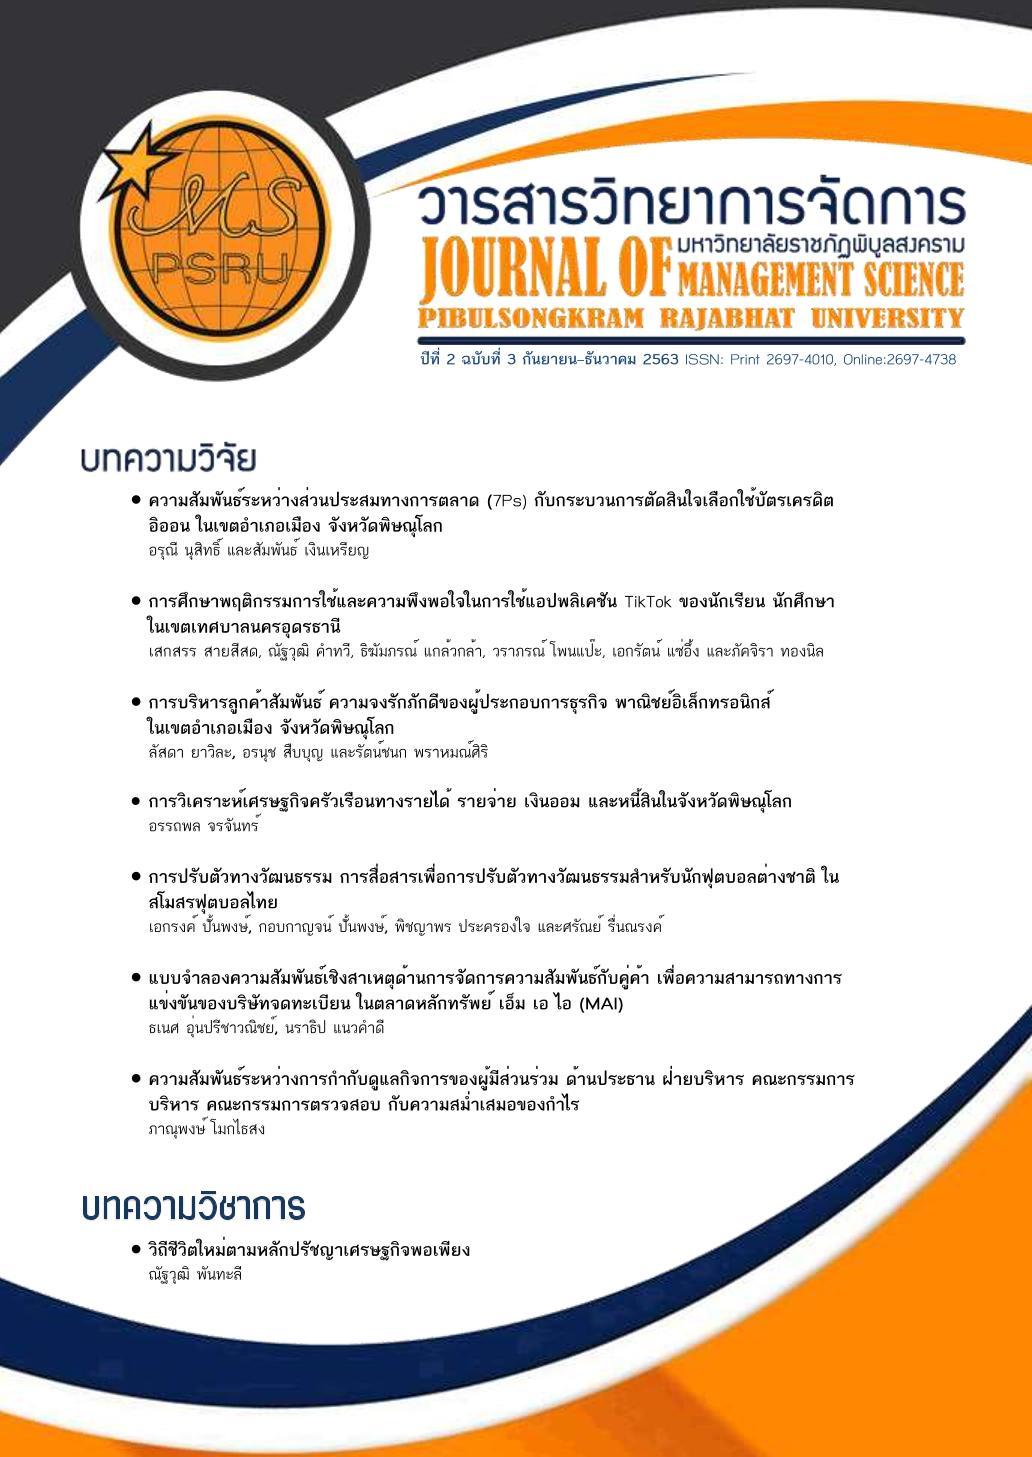 #วารสารวิทยาการจัดการ #มหาวิทยาลัยราชภัฏพิบูลสงคราม